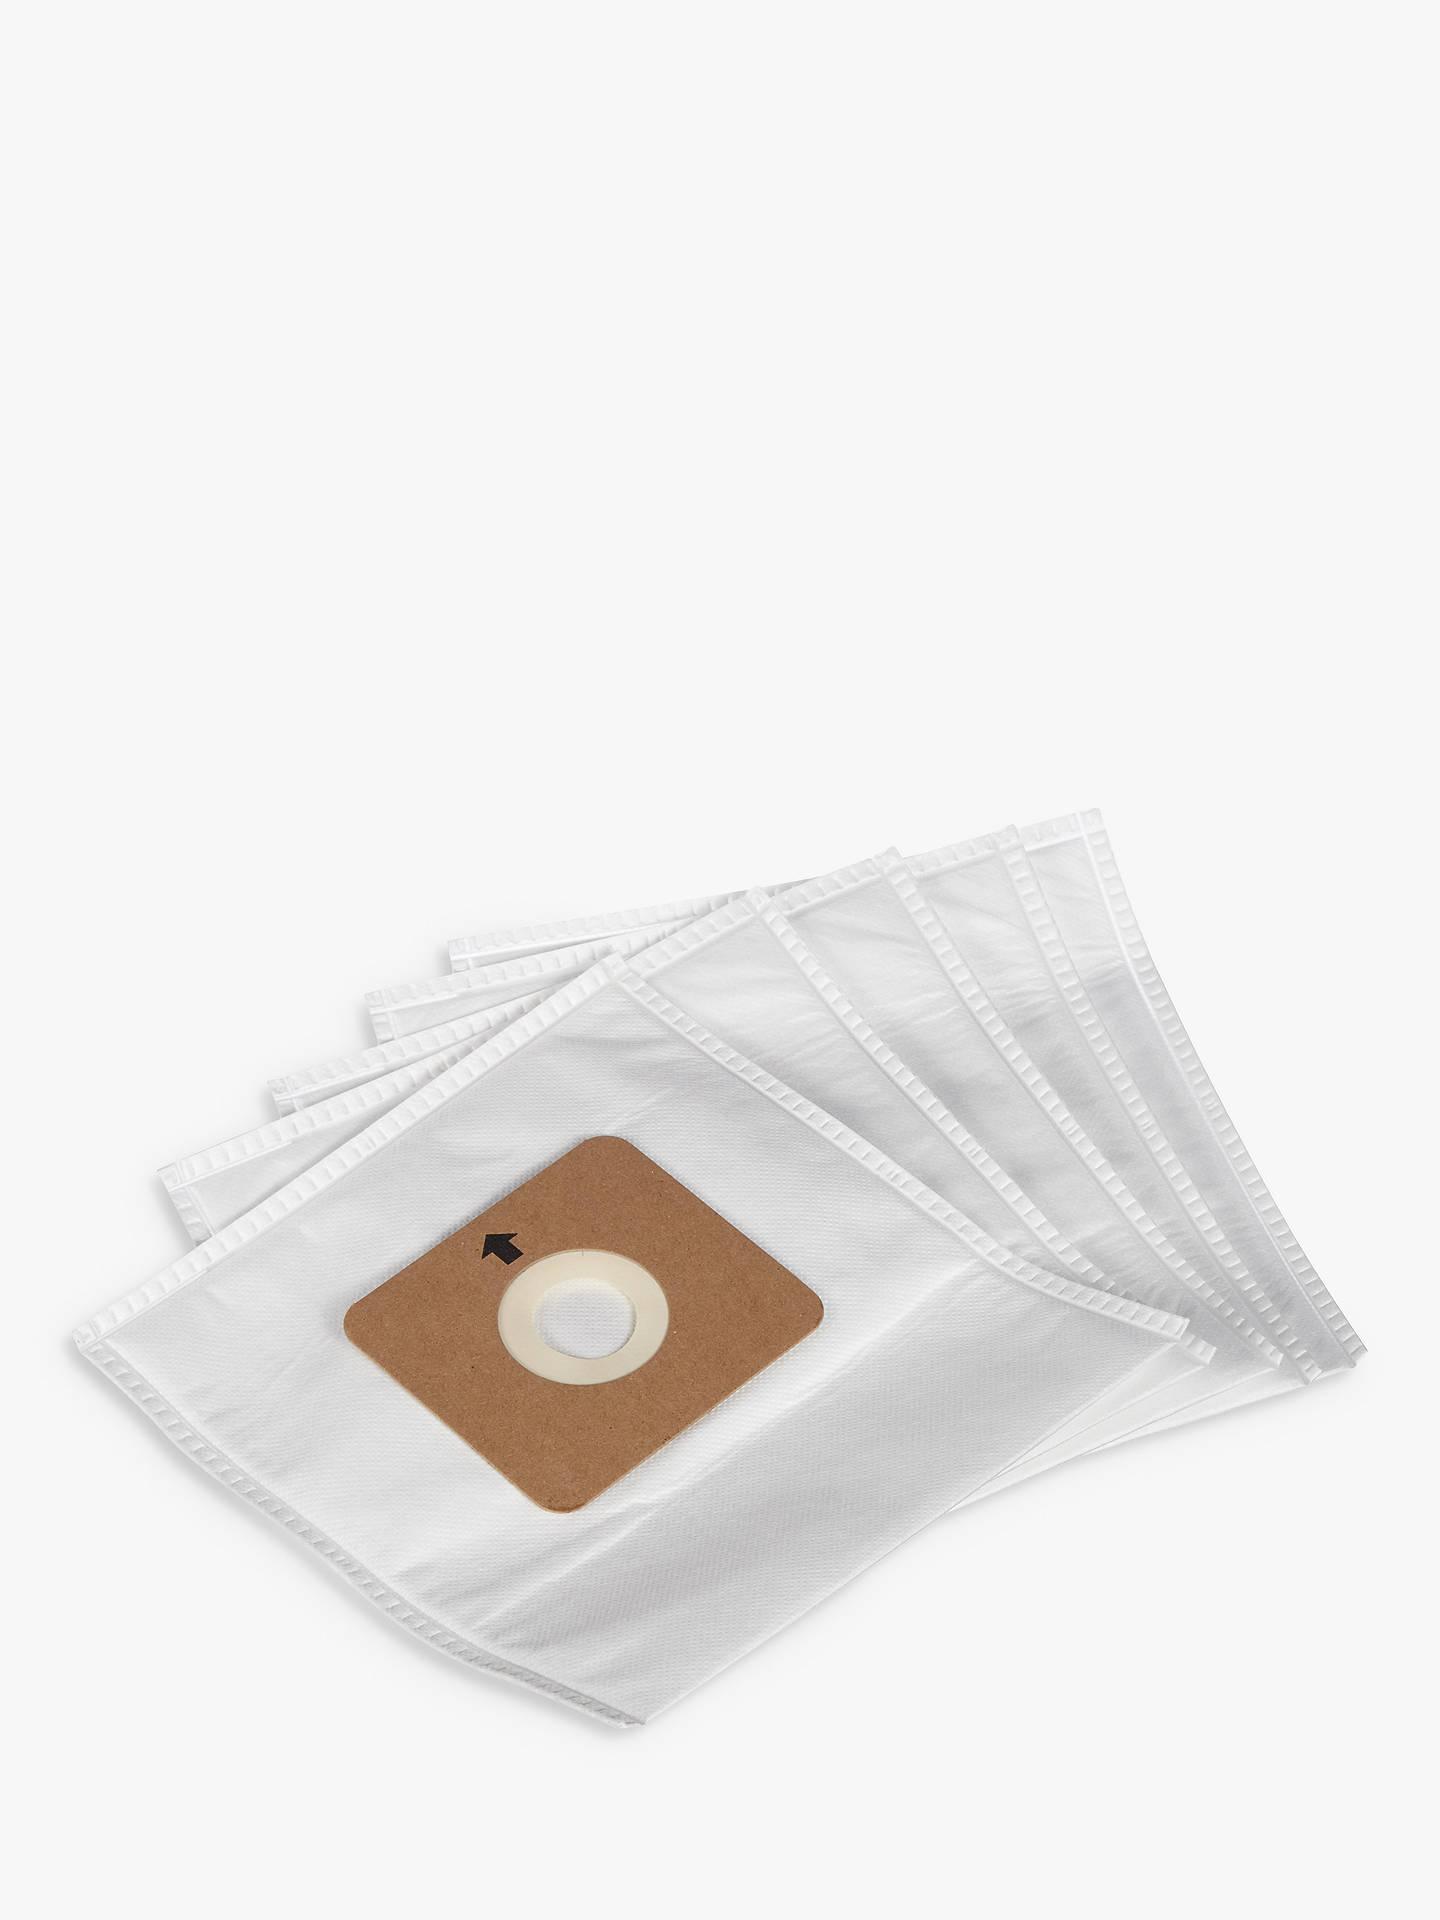 euro3plast 303-0G9 Pflanzkü.LIKEN Ø41 taupe 1 Stück